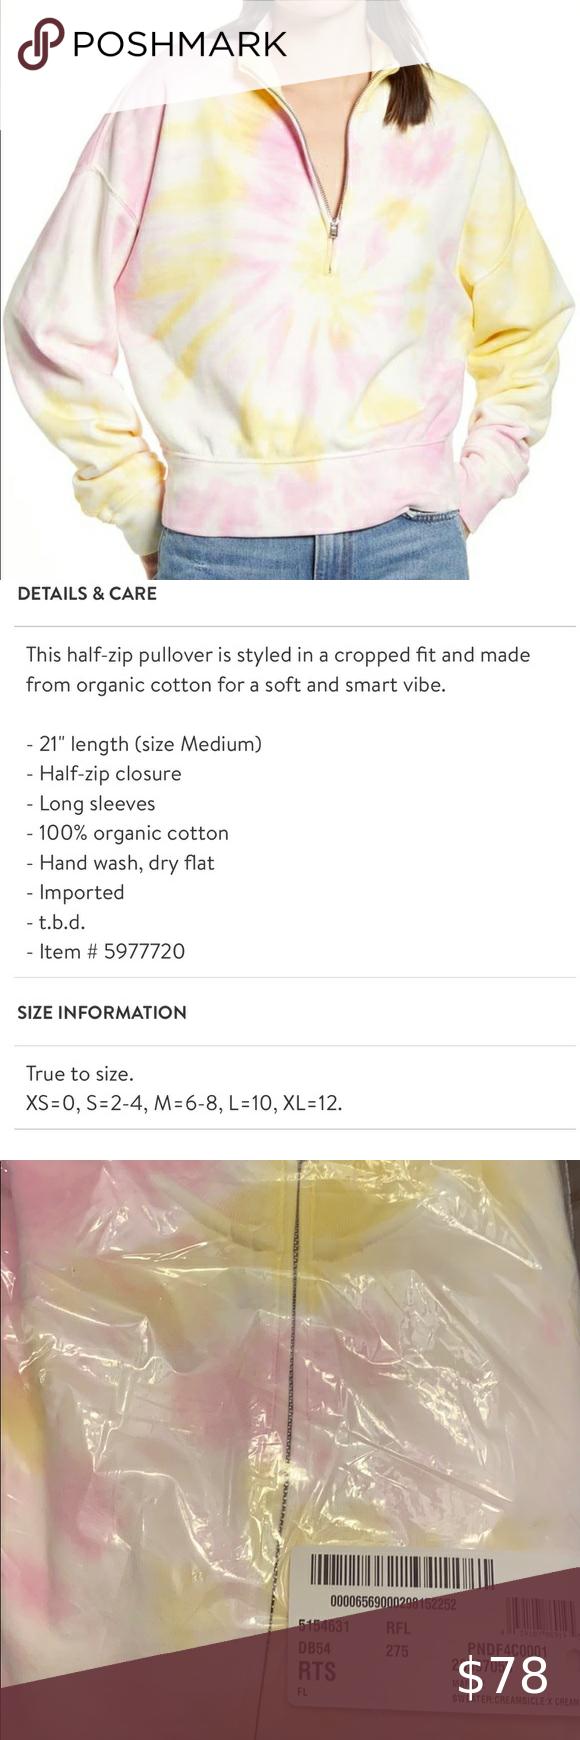 New Reformation Marla Half Zip Tie Dye Sweatshirt Tie Dye Sweatshirt Half Zip Pullover Tie Dye [ 1740 x 580 Pixel ]